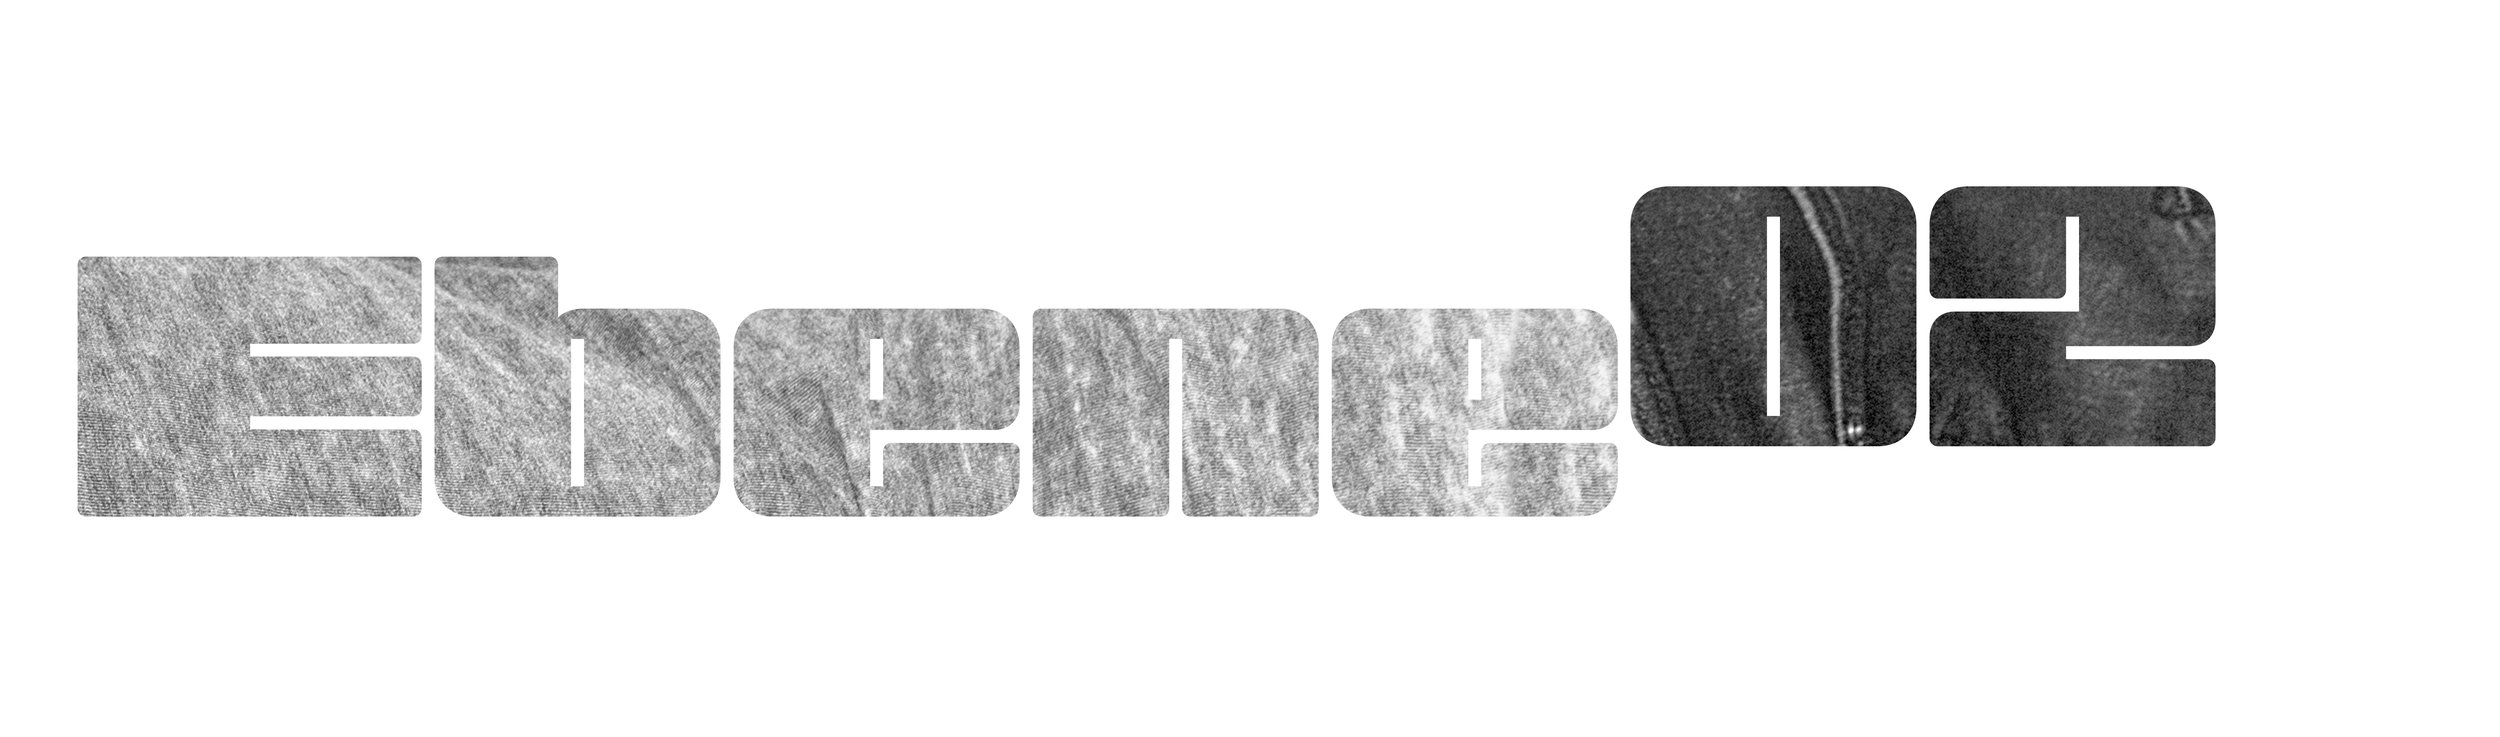 Ebene02 [AKIA]